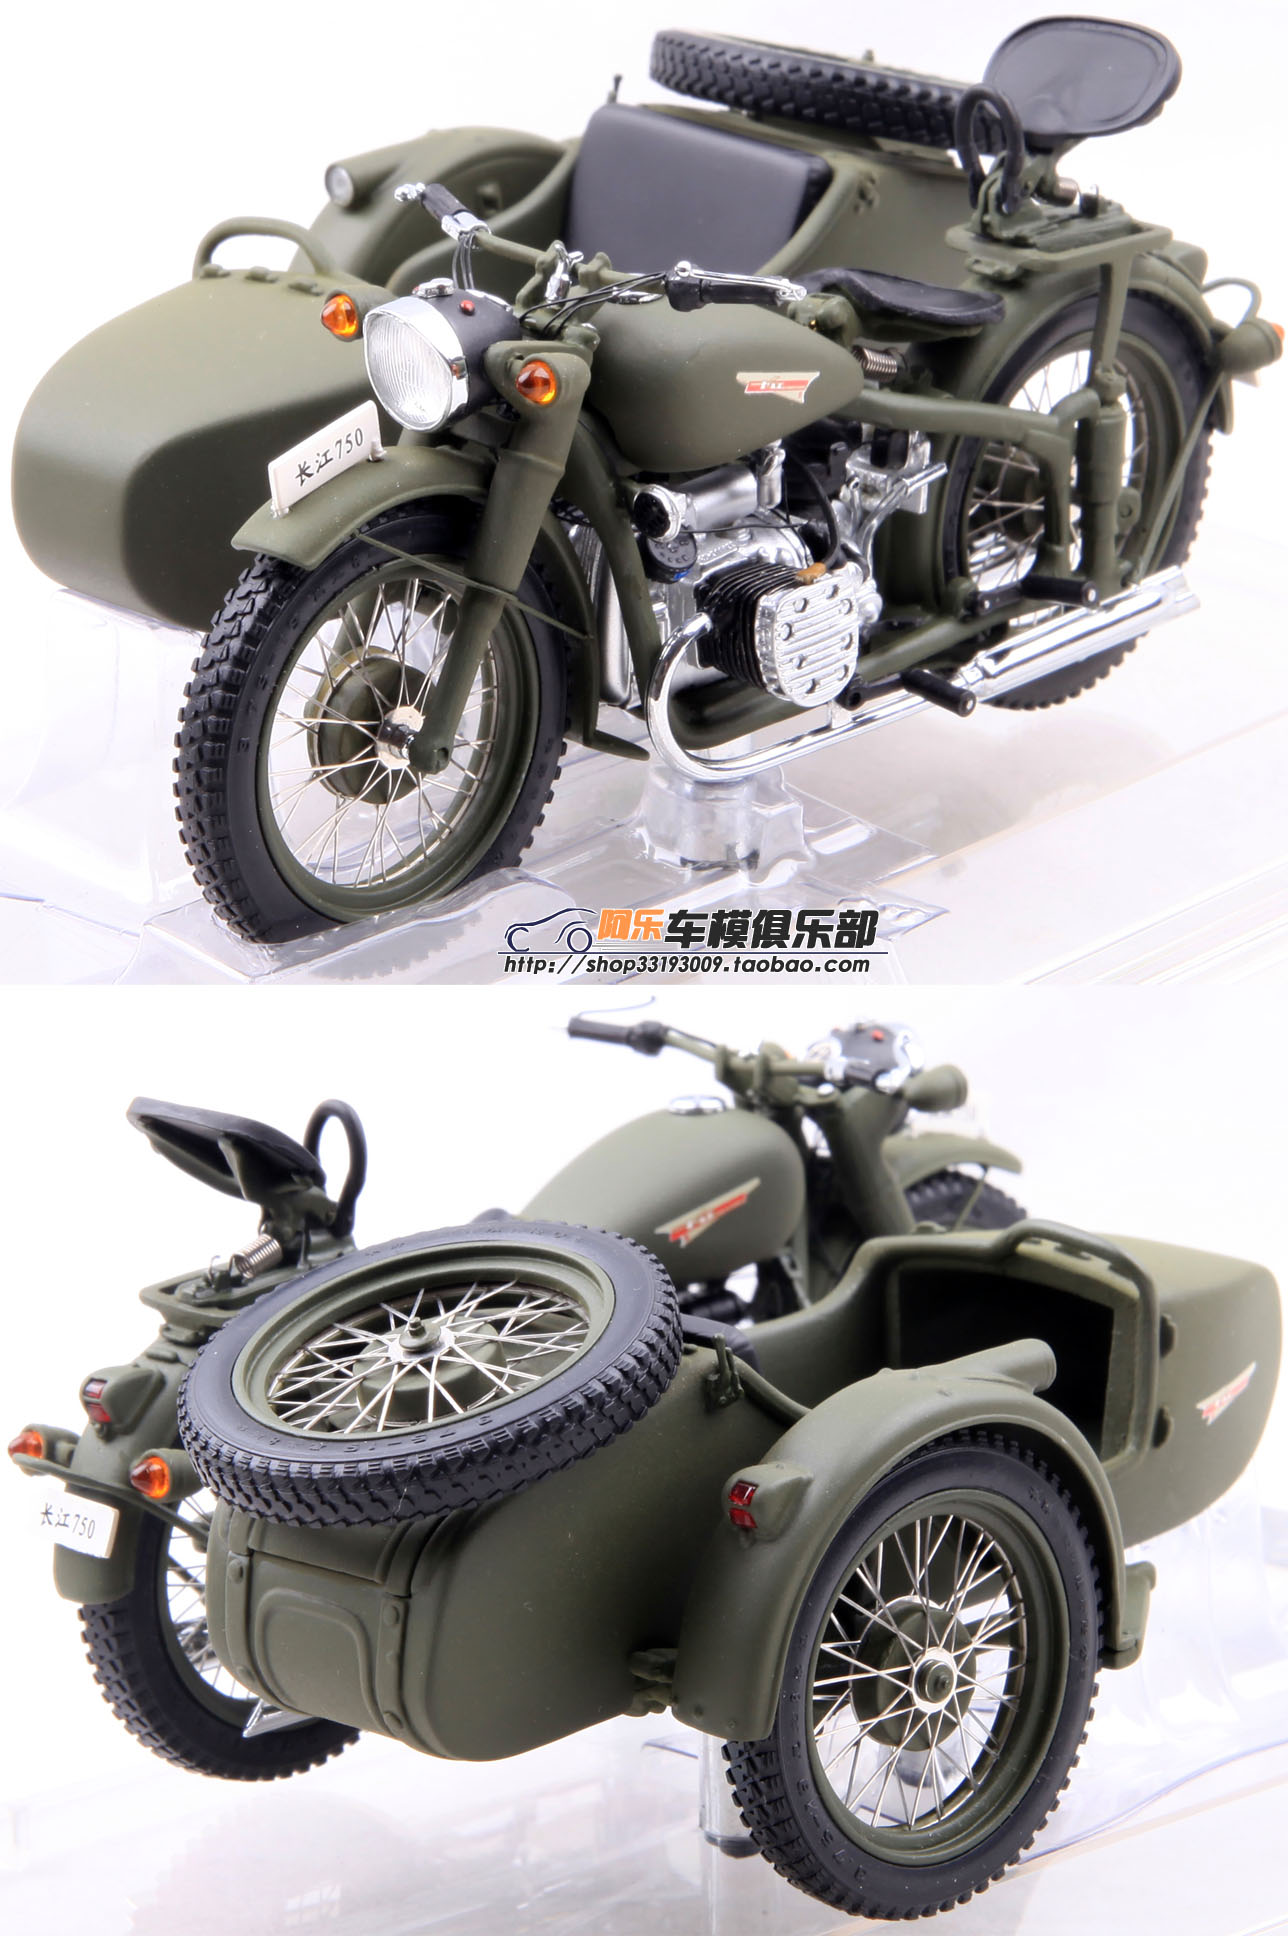 价格龙1:18长江750商品挎斗摩托车图片限量500台世纪图片全球奥迪新款sq5三轮图片